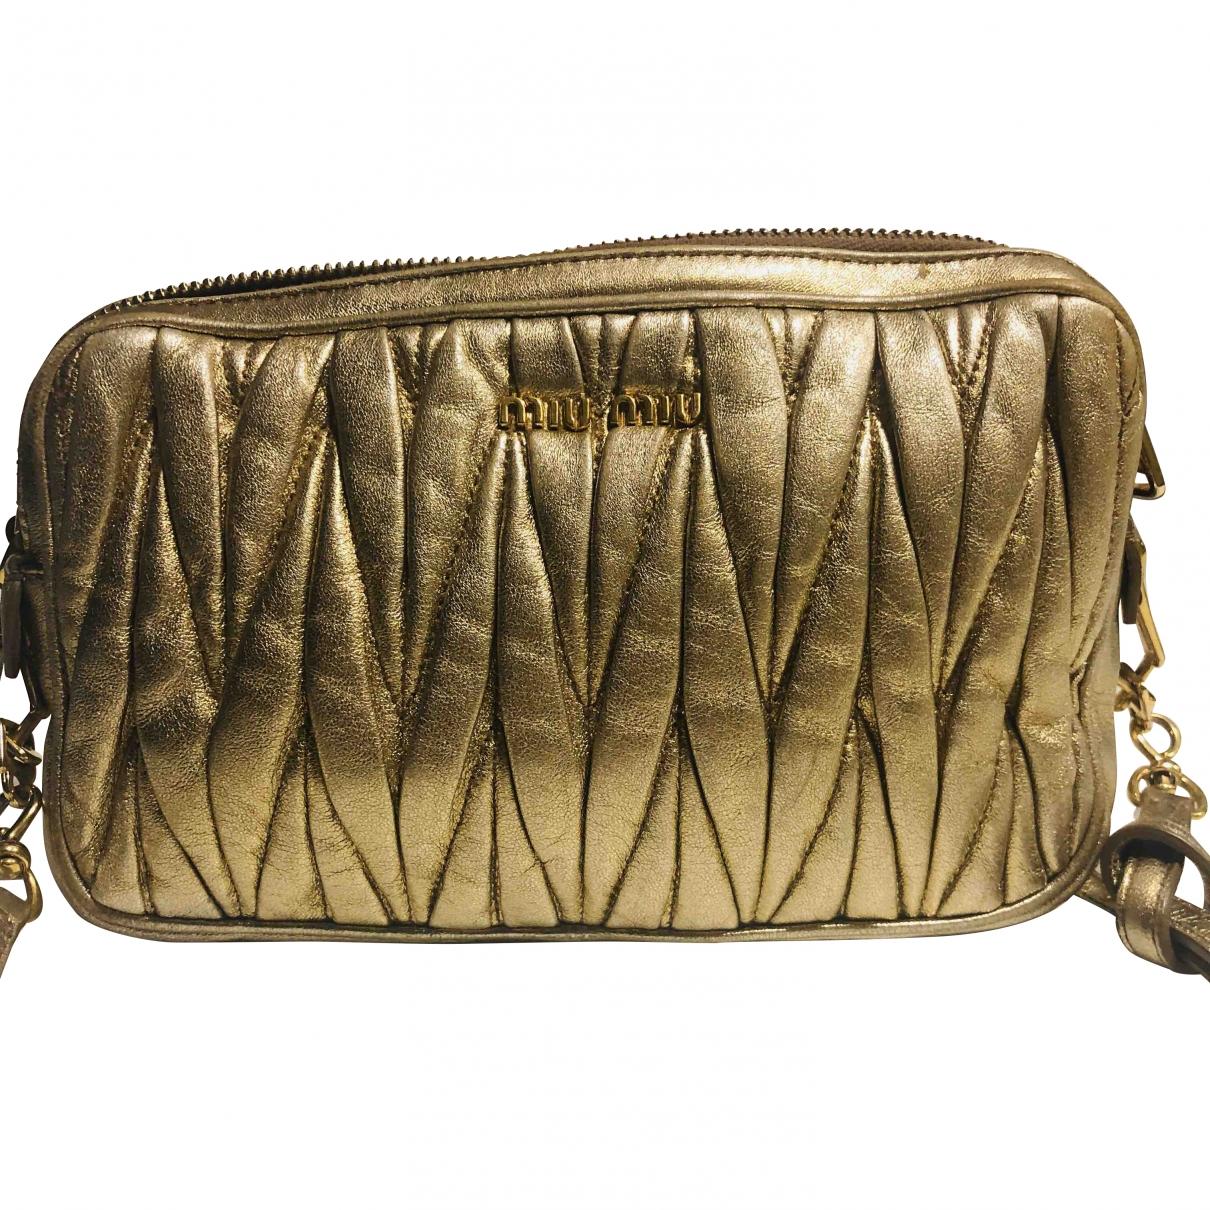 Miu Miu Matelasse Handtasche in  Gold Leder